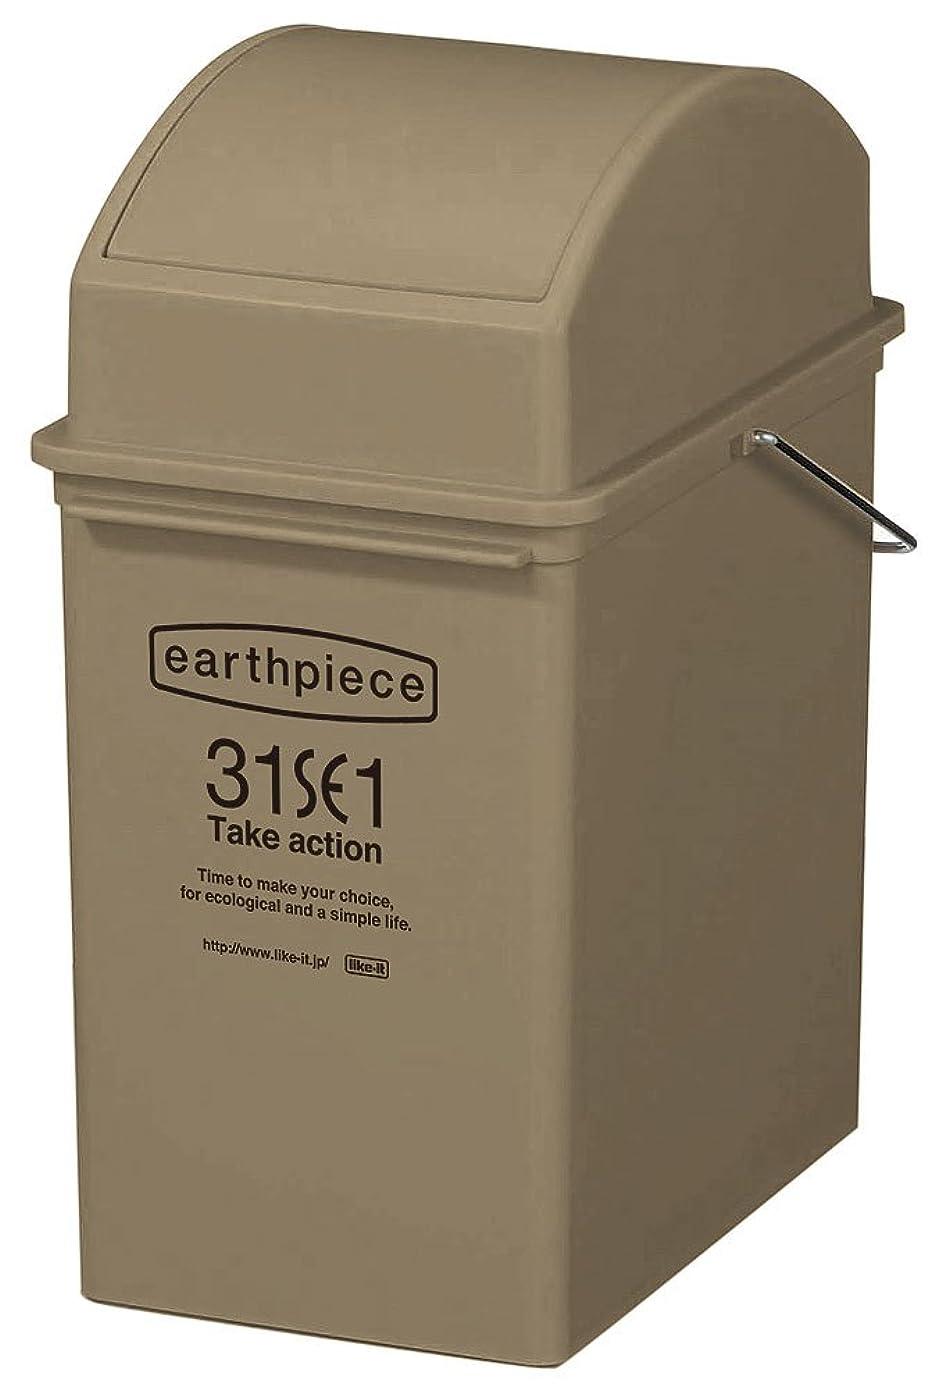 実験をする褒賞母like-it ゴミ箱 アースピース スイング オープン 浅型 ブラウン 17L EPE-04